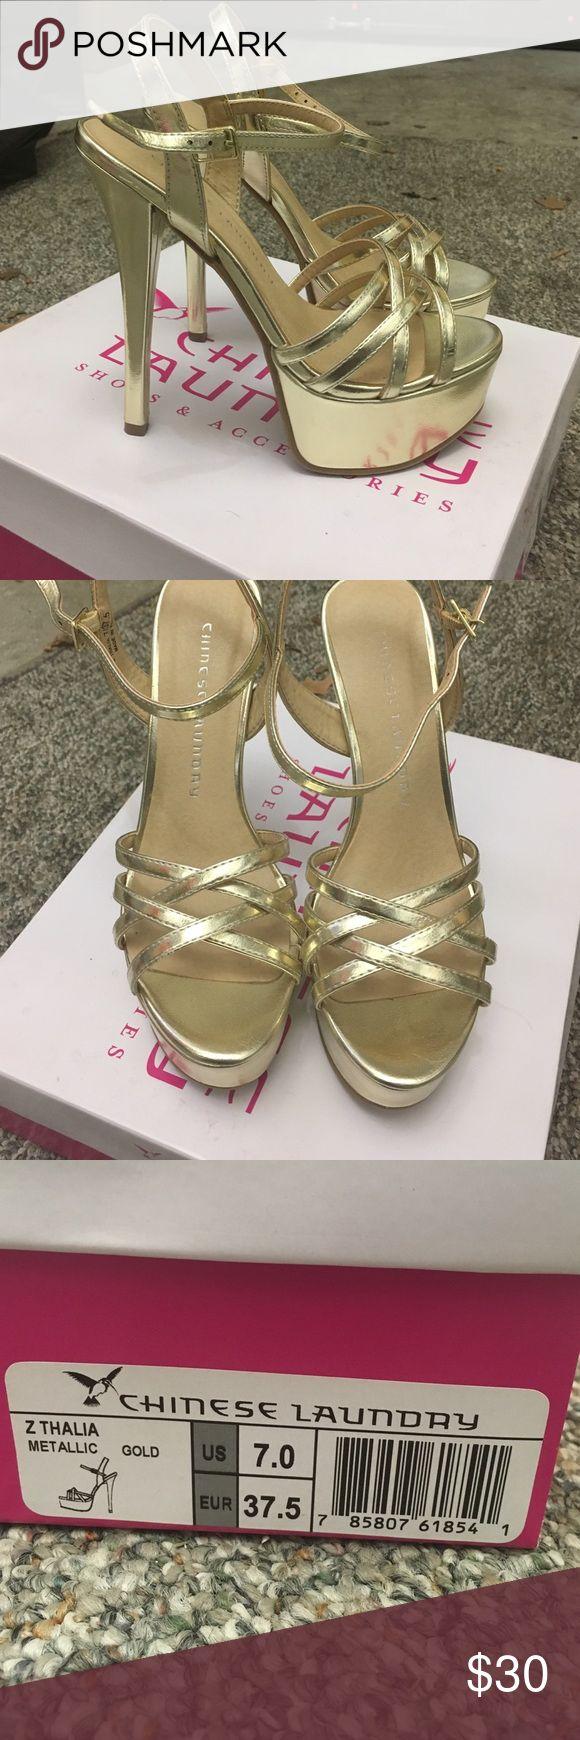 Gold High heels Gold high heels. Never worn. Size 7 Shoes Heels